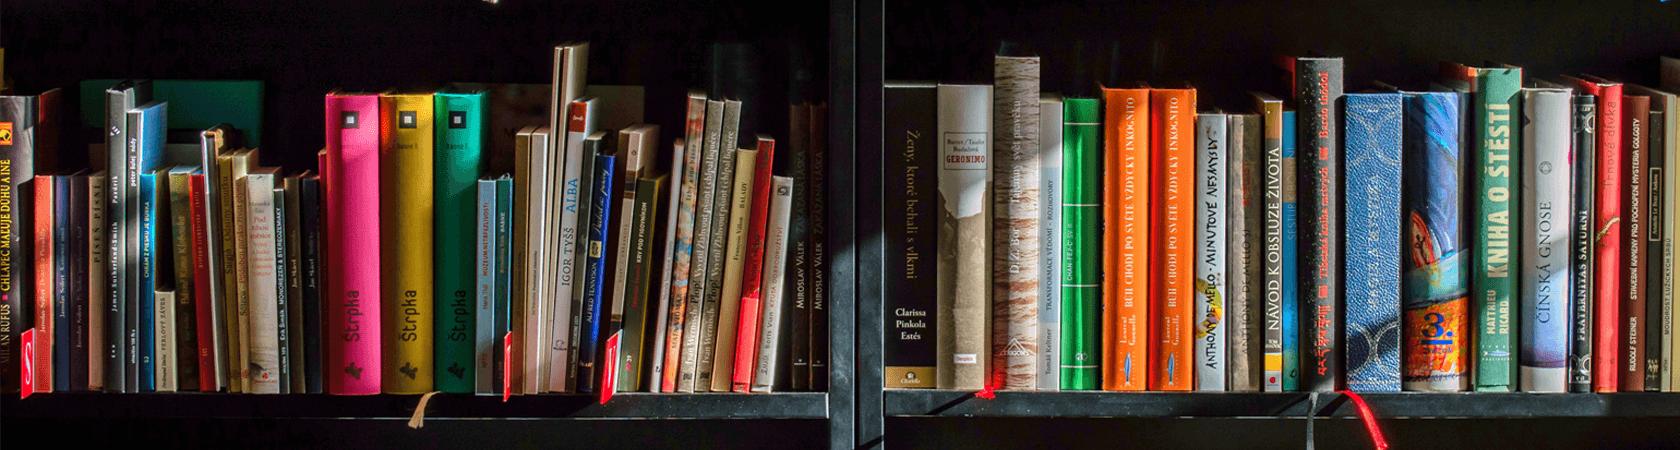 5 knjiga koje svaki lider treba da ima na svojoj polici